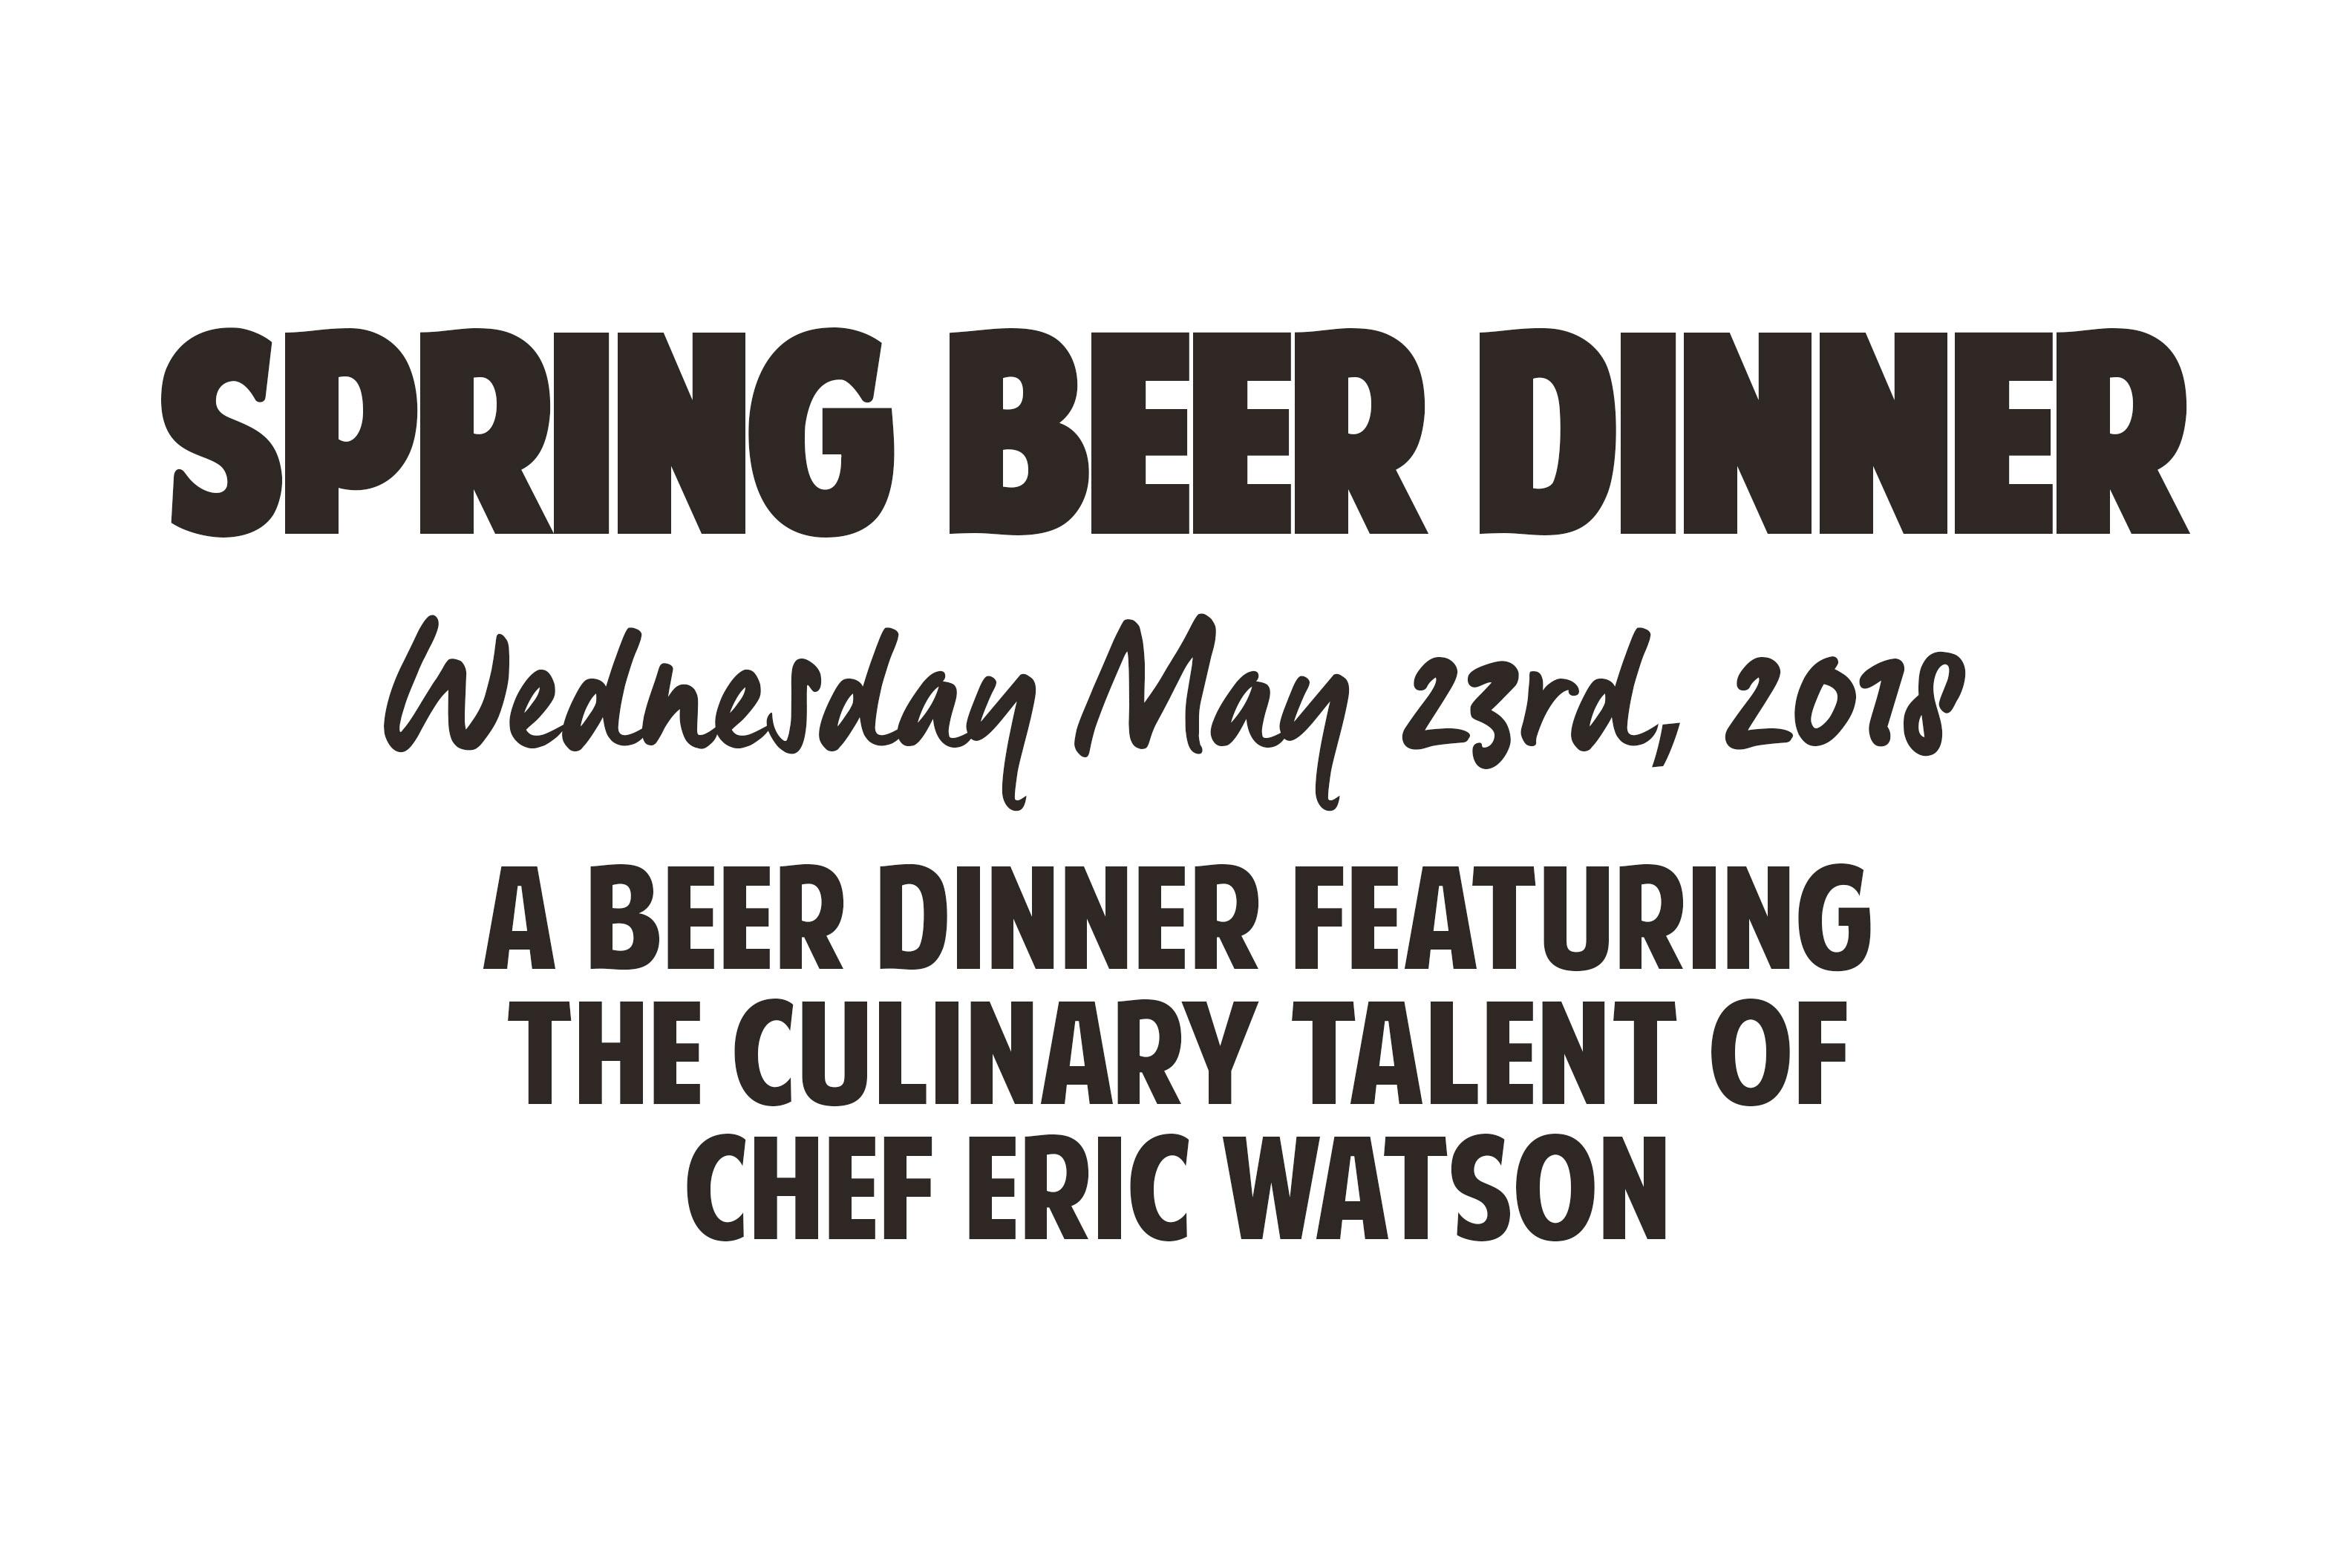 Spring Beer Dinner (5/23) | Coteau des Prairies Lodge